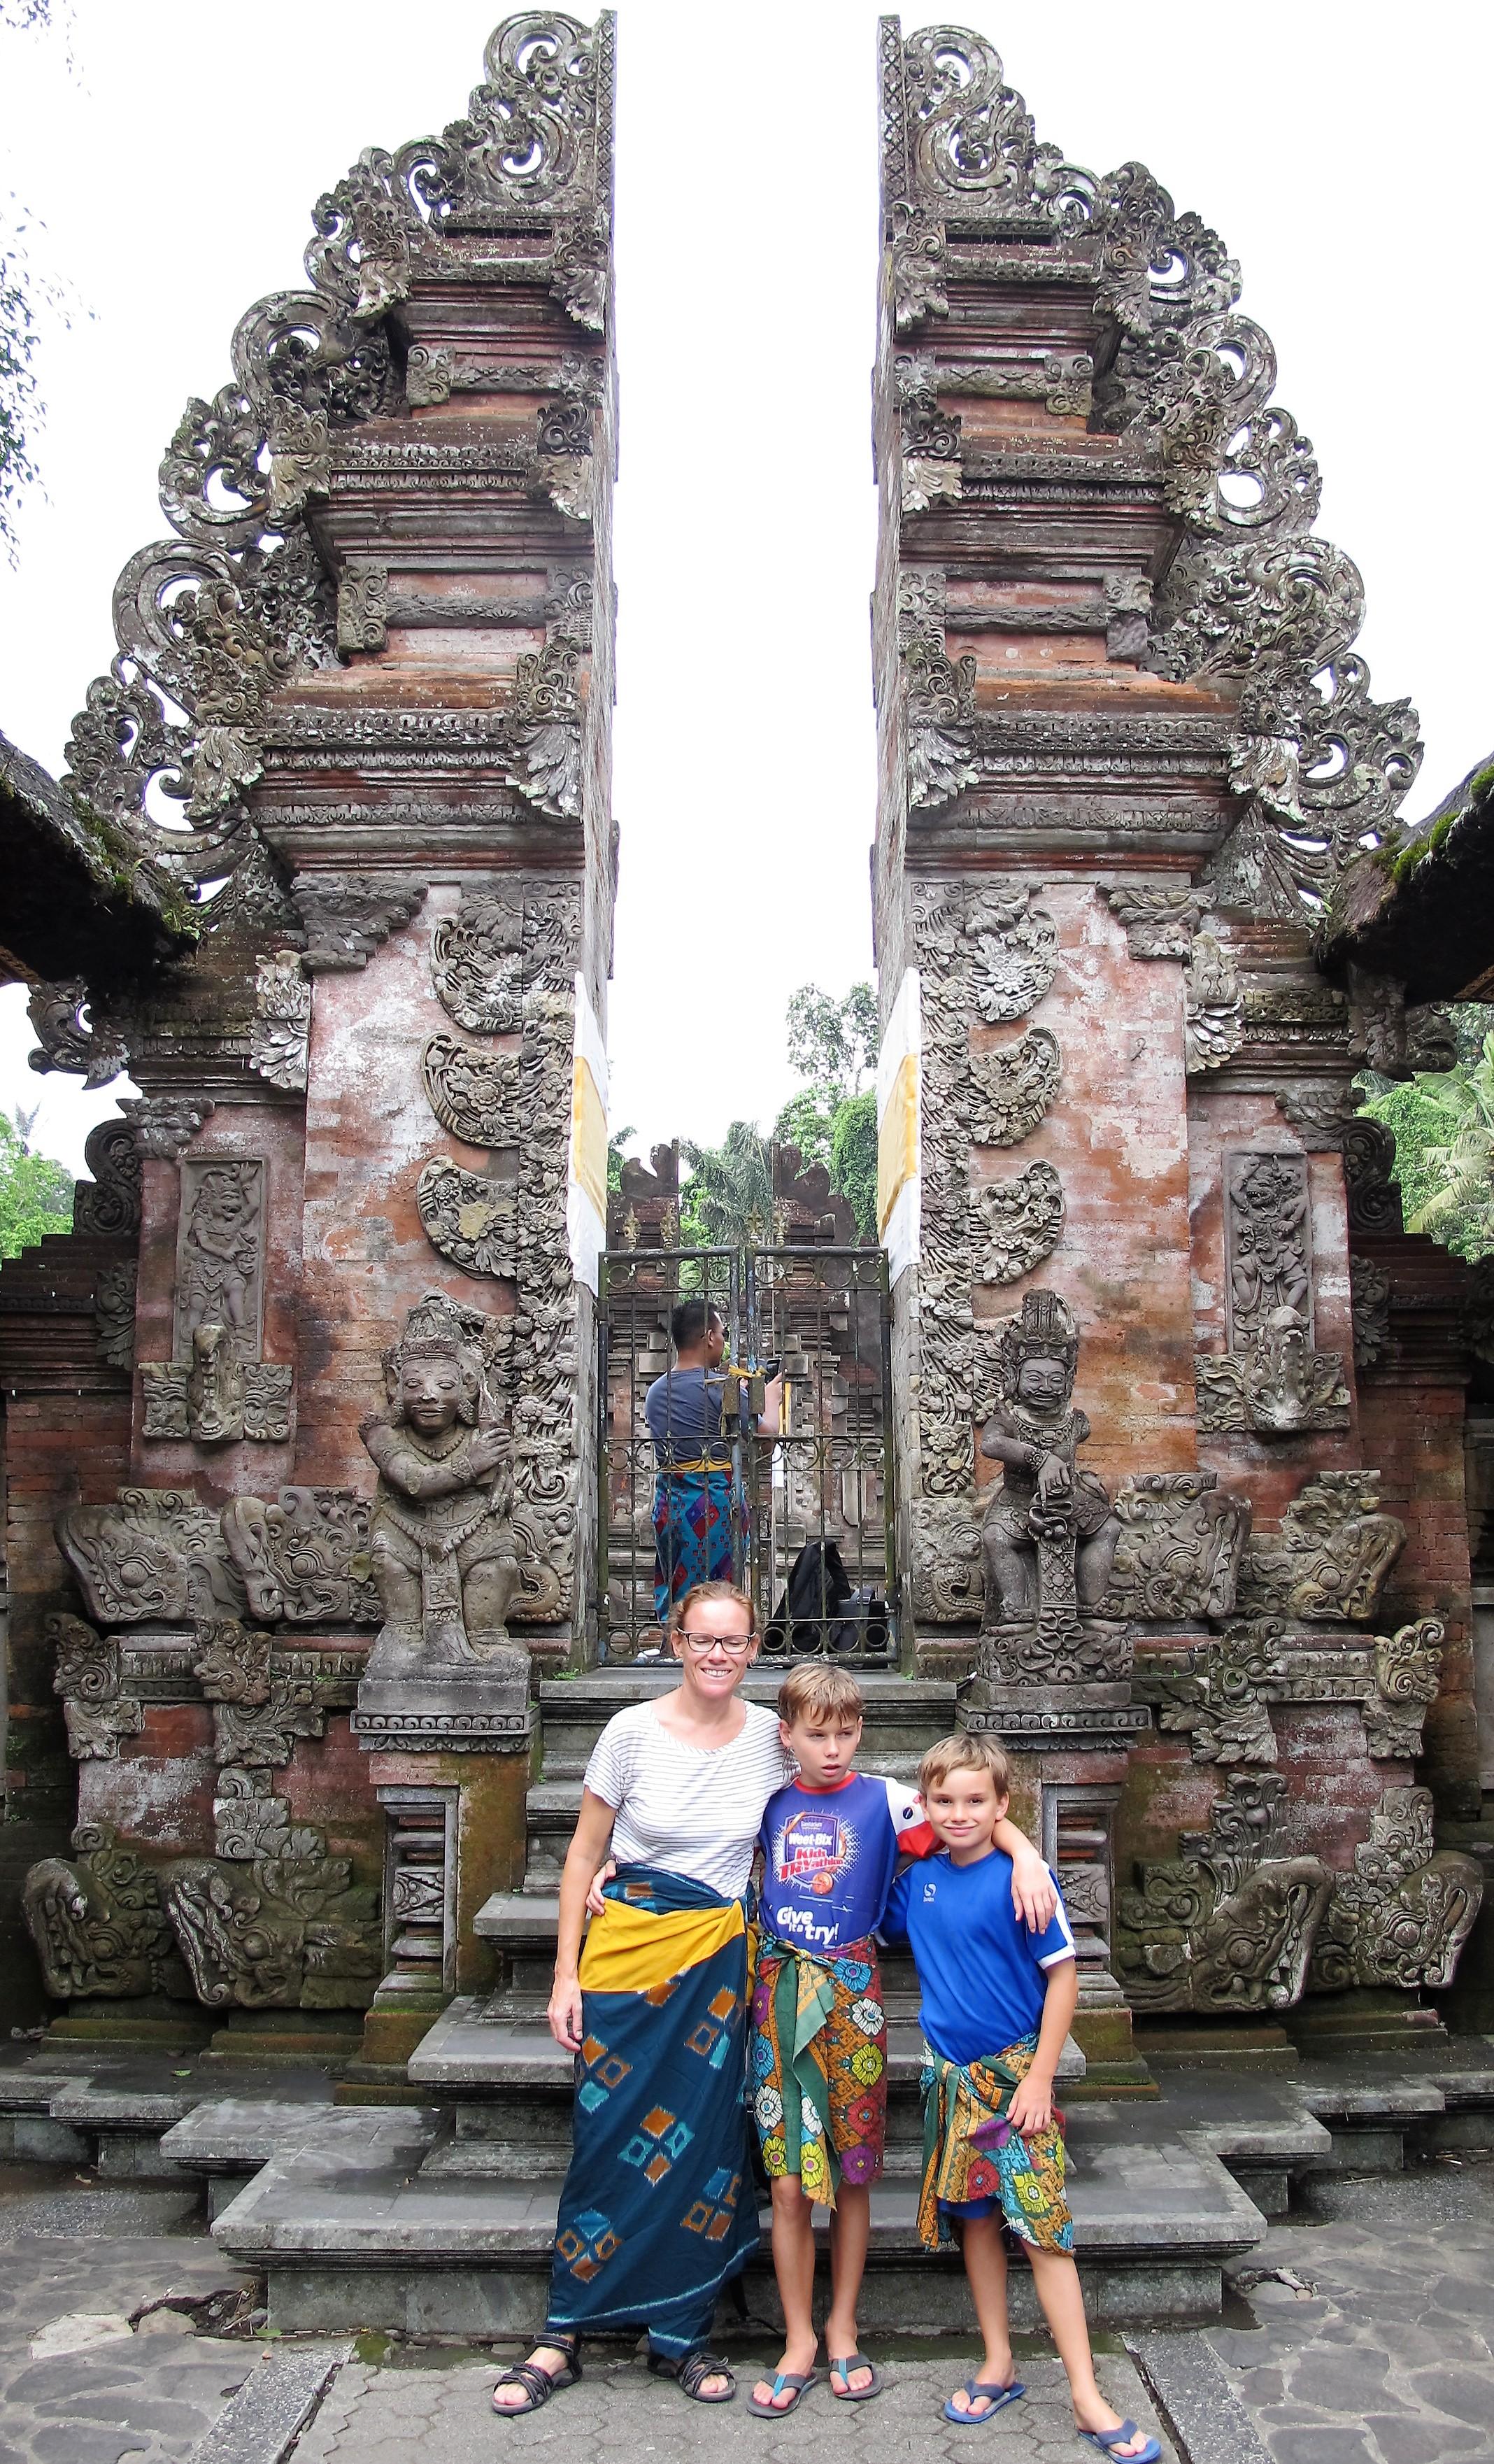 Bali, Bali, Bali - NZ4ofUs